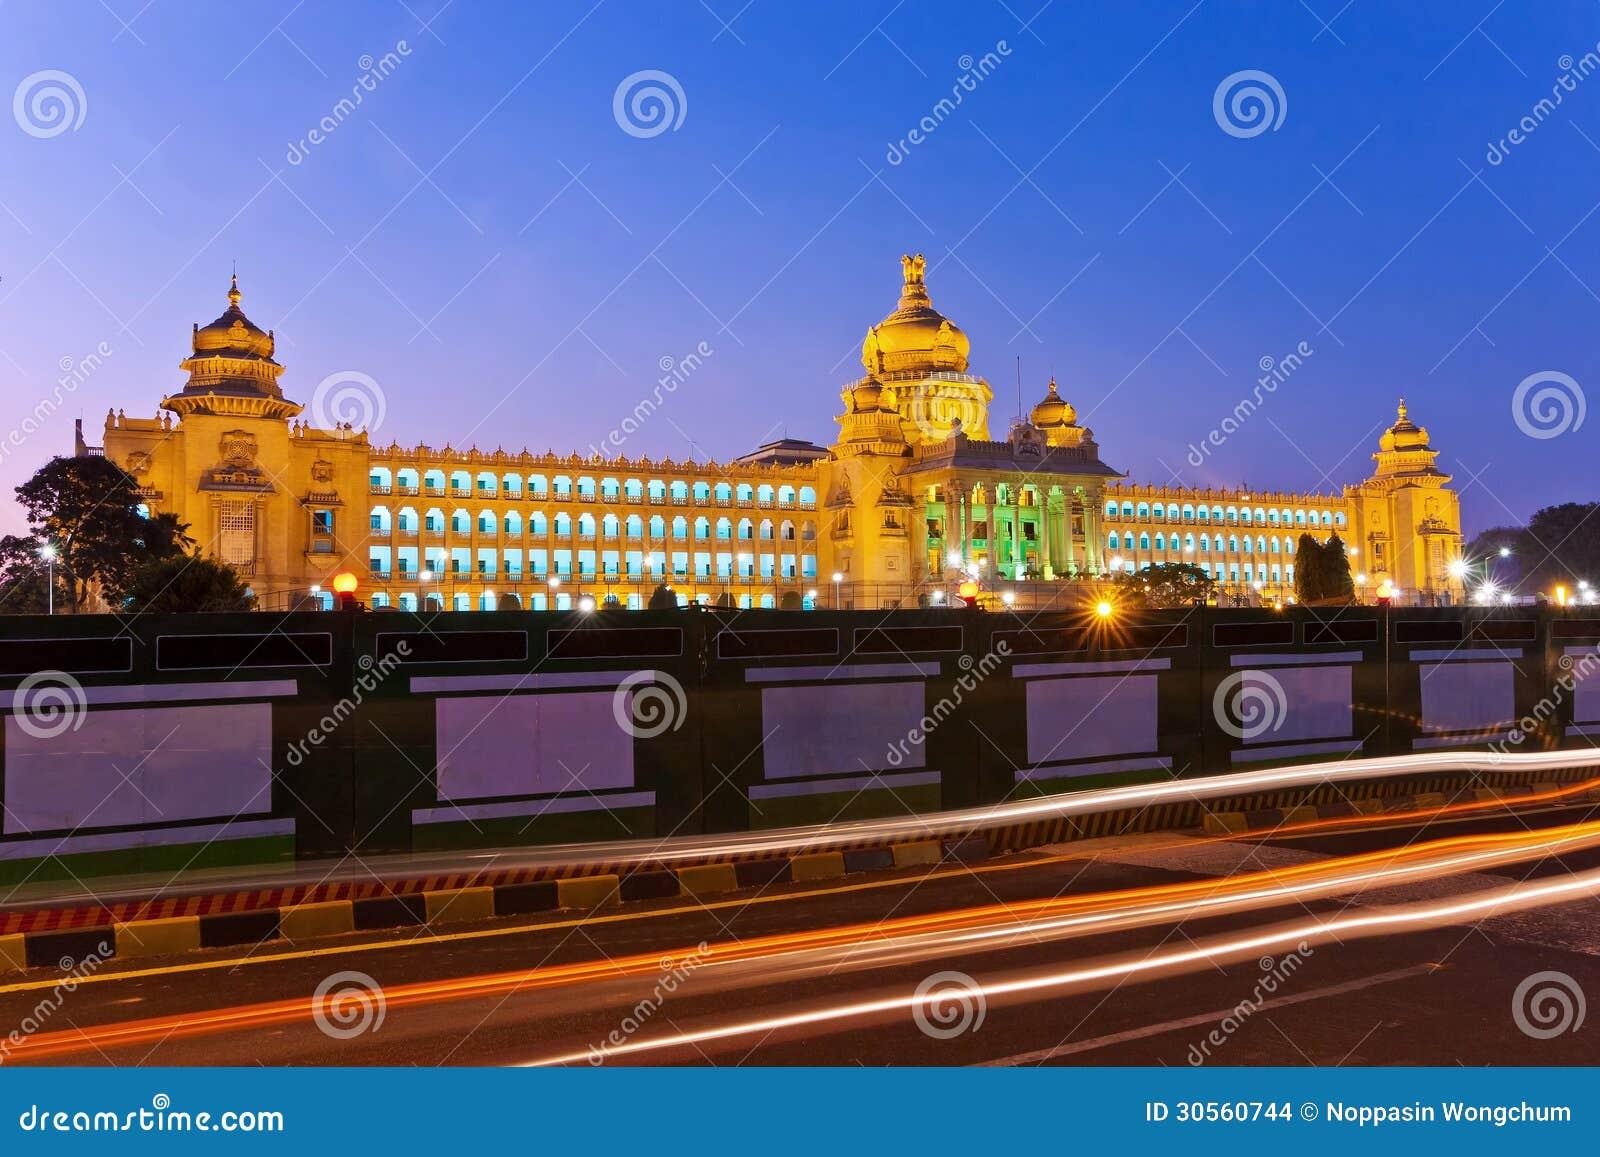 Vidhana Soudha国家议会